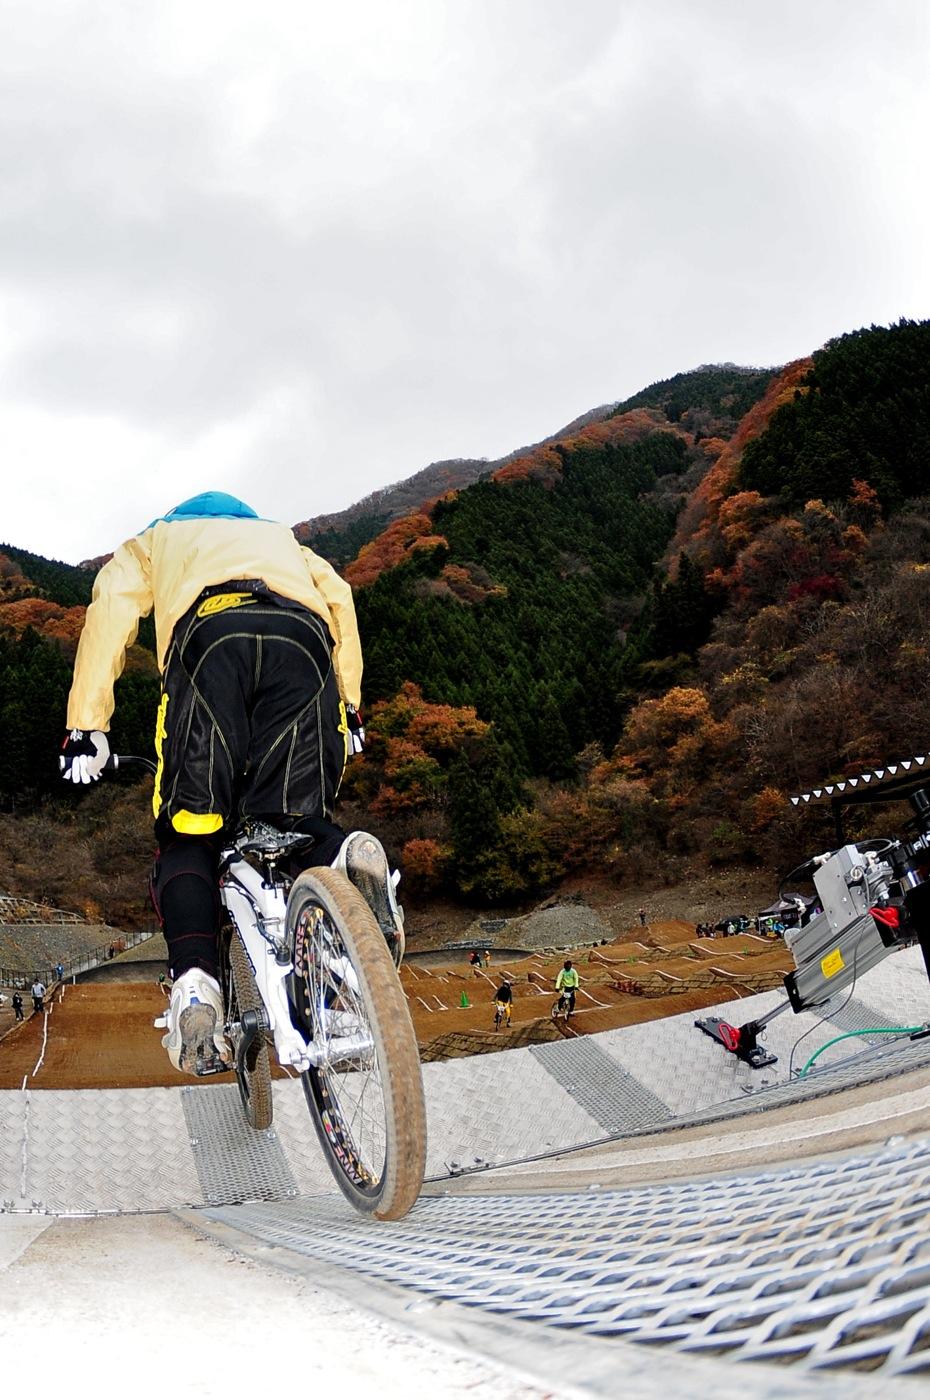 スタートマニア2009:秩父滝沢サイクルパークBMXトラック_b0065730_16304110.jpg